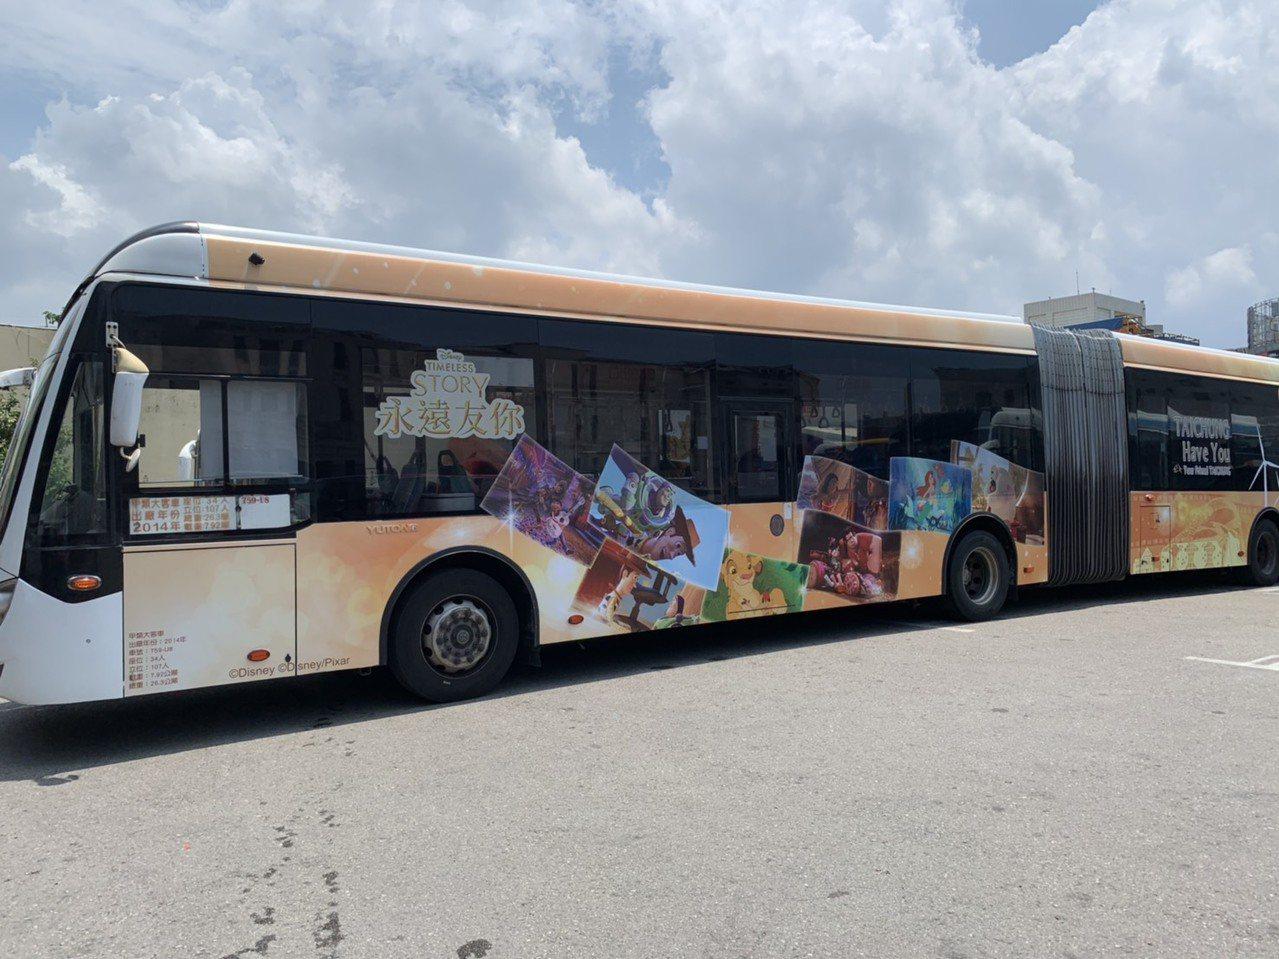 台中市與迪士尼公司跨界合作,打造全國唯一迪士尼彩繪雙節公車,即日起至年底都可以看...